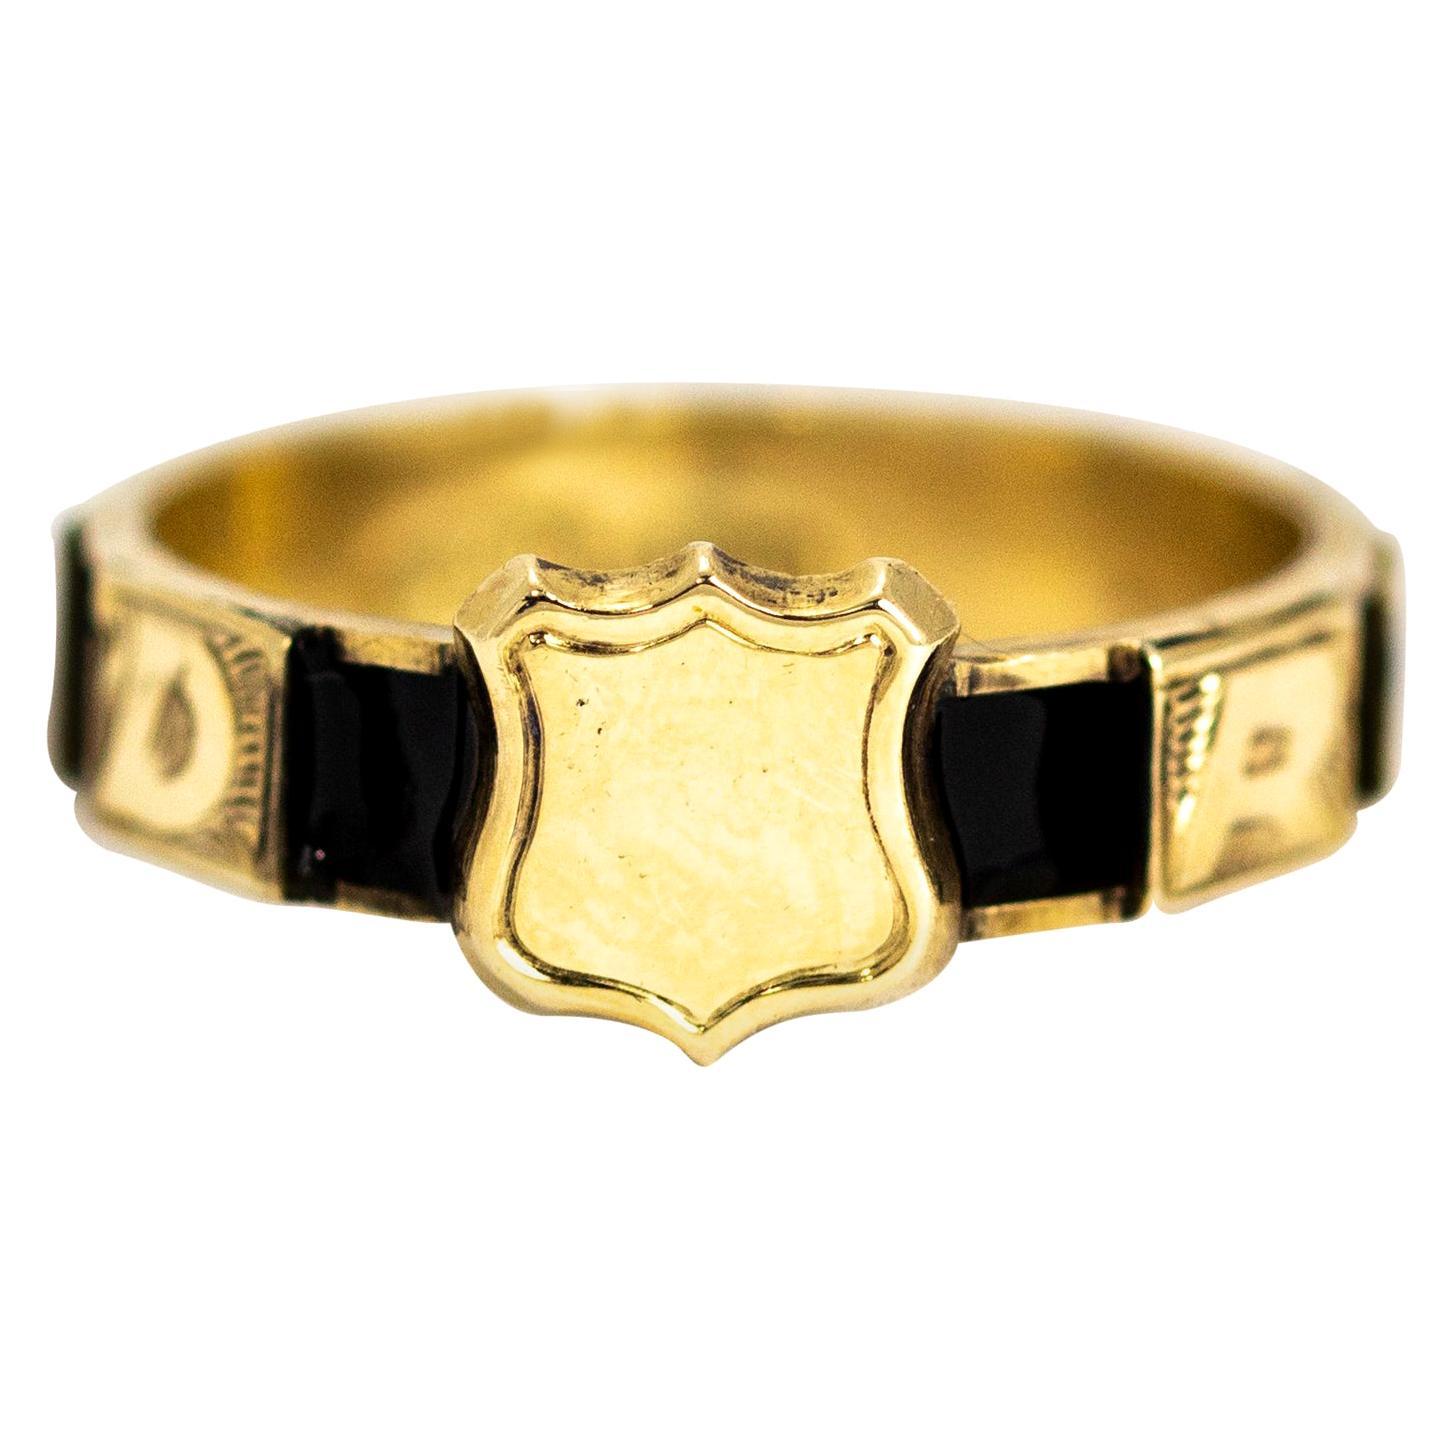 Victorian 10 Karat Gold and Black Enamel Regard Ring